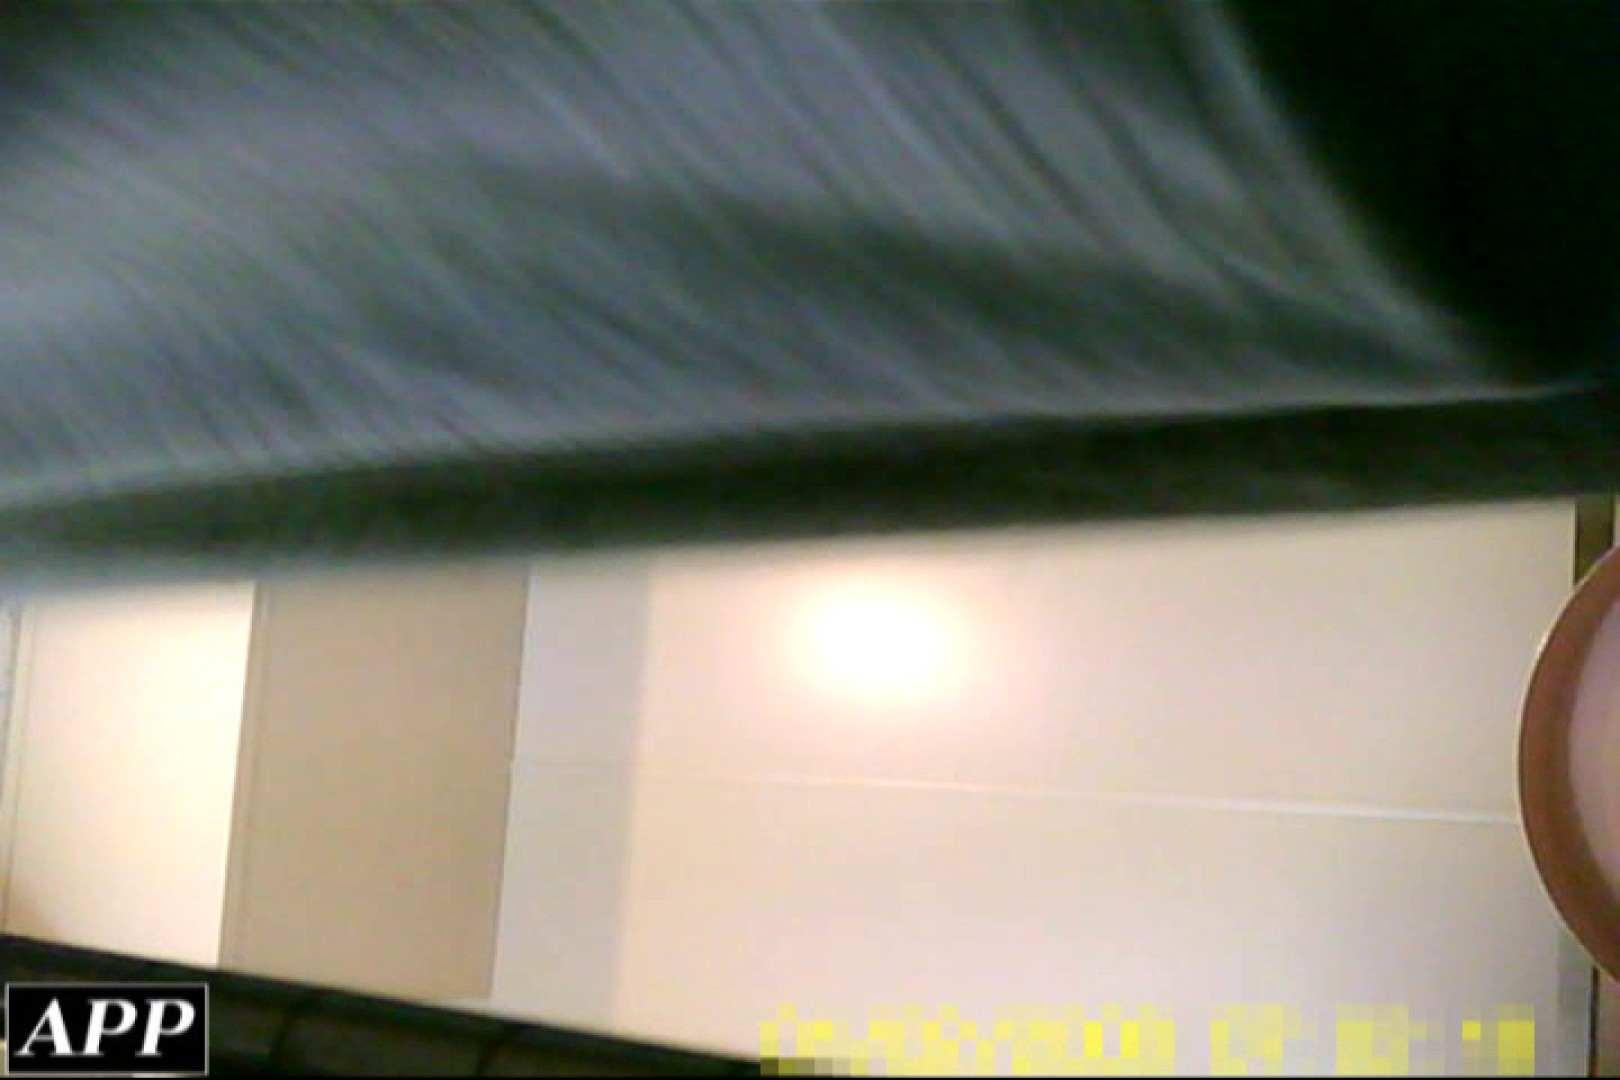 3視点洗面所 vol.095 OLヌード天国 | 洗面所  66PIX 5